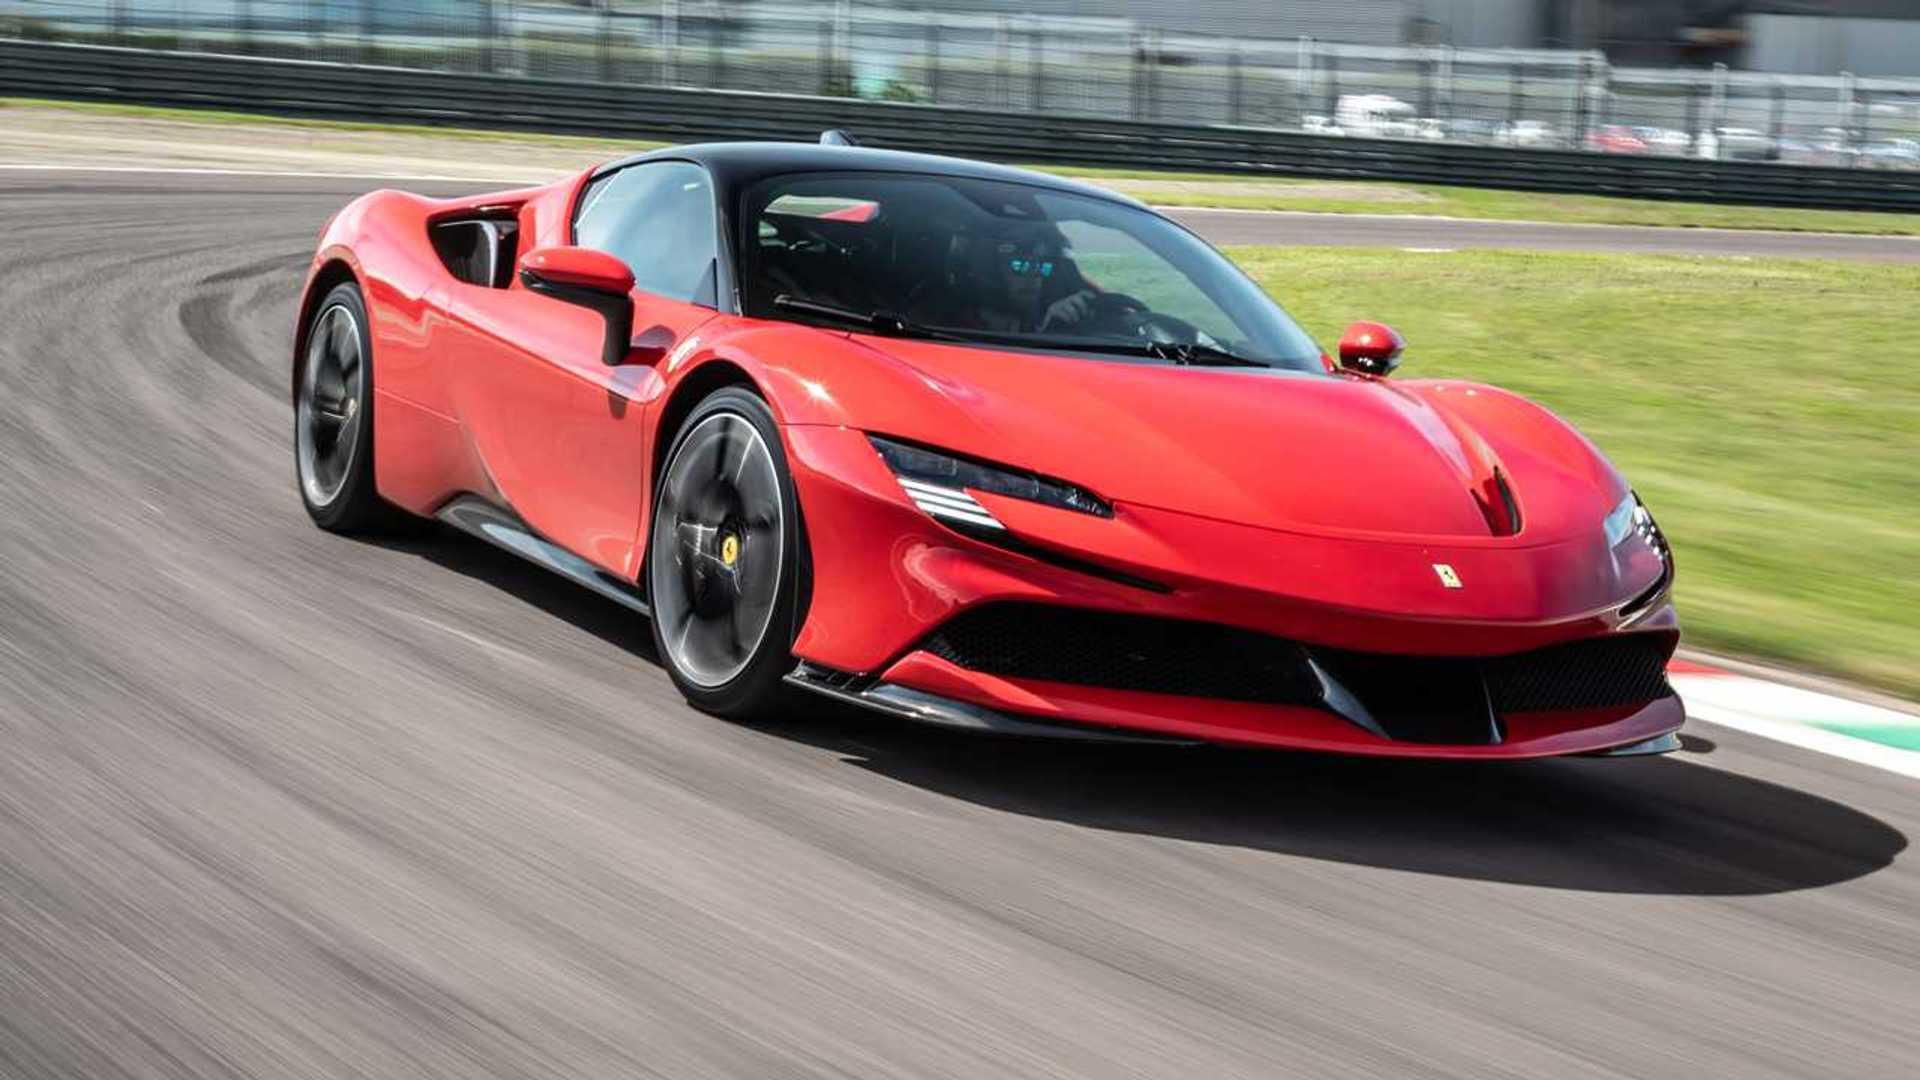 Les livraisons de la Ferrari SF90 Stradale sont retardées